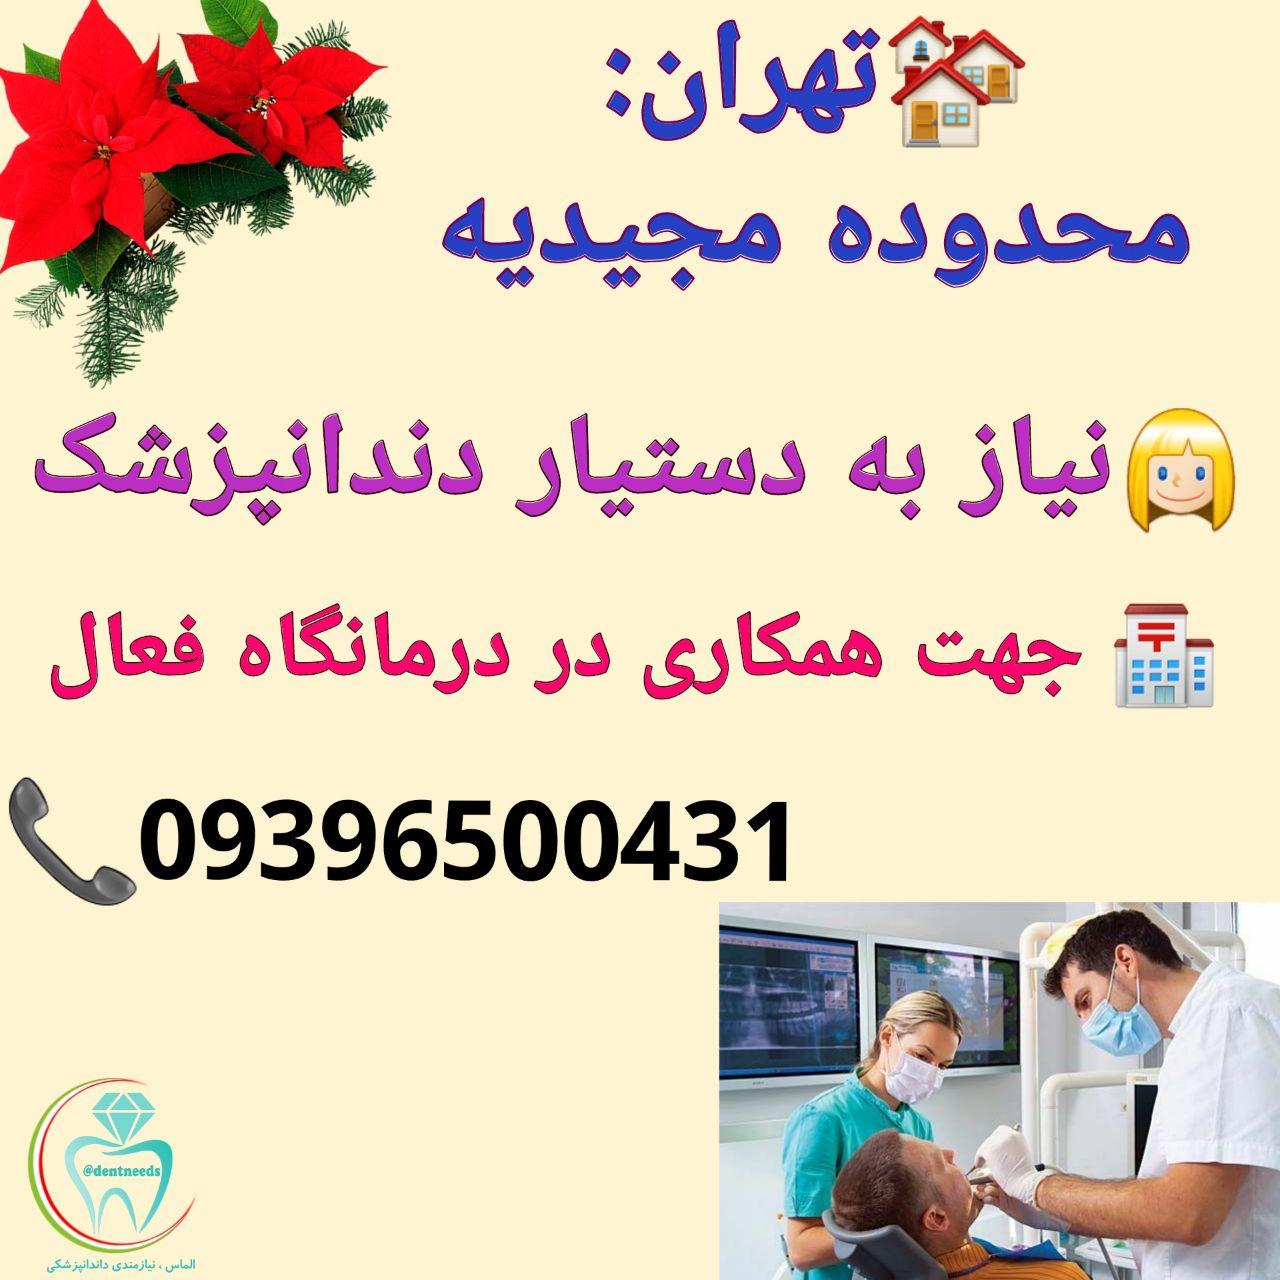 تهران: محدوده مجیدیه، نیاز به دستیار دندانپزشک